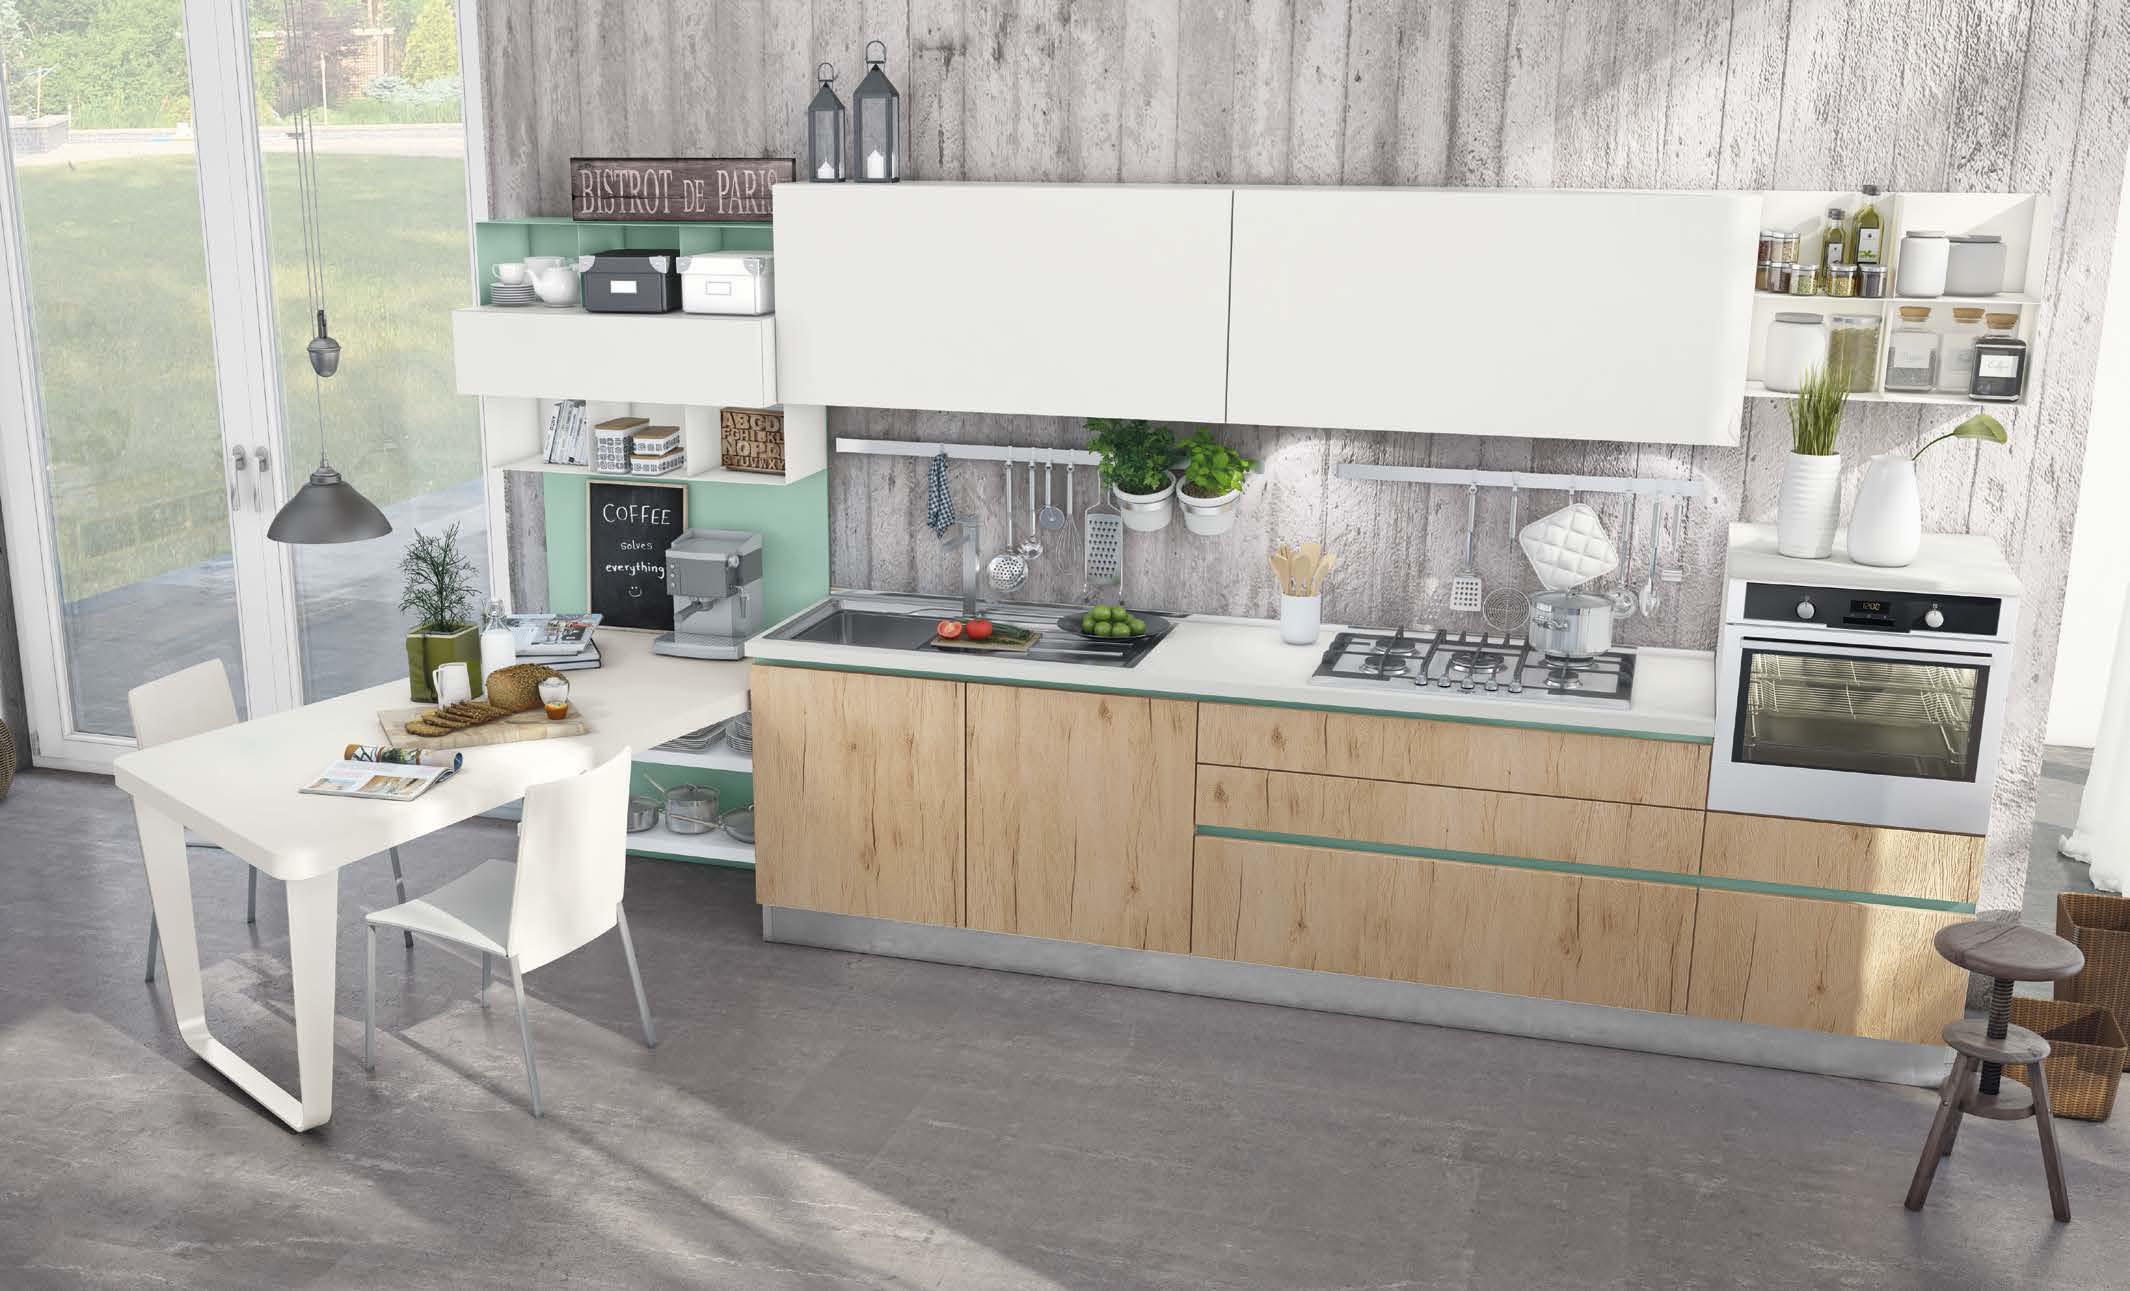 Come scegliere il lavello ideale - Cucine Lube